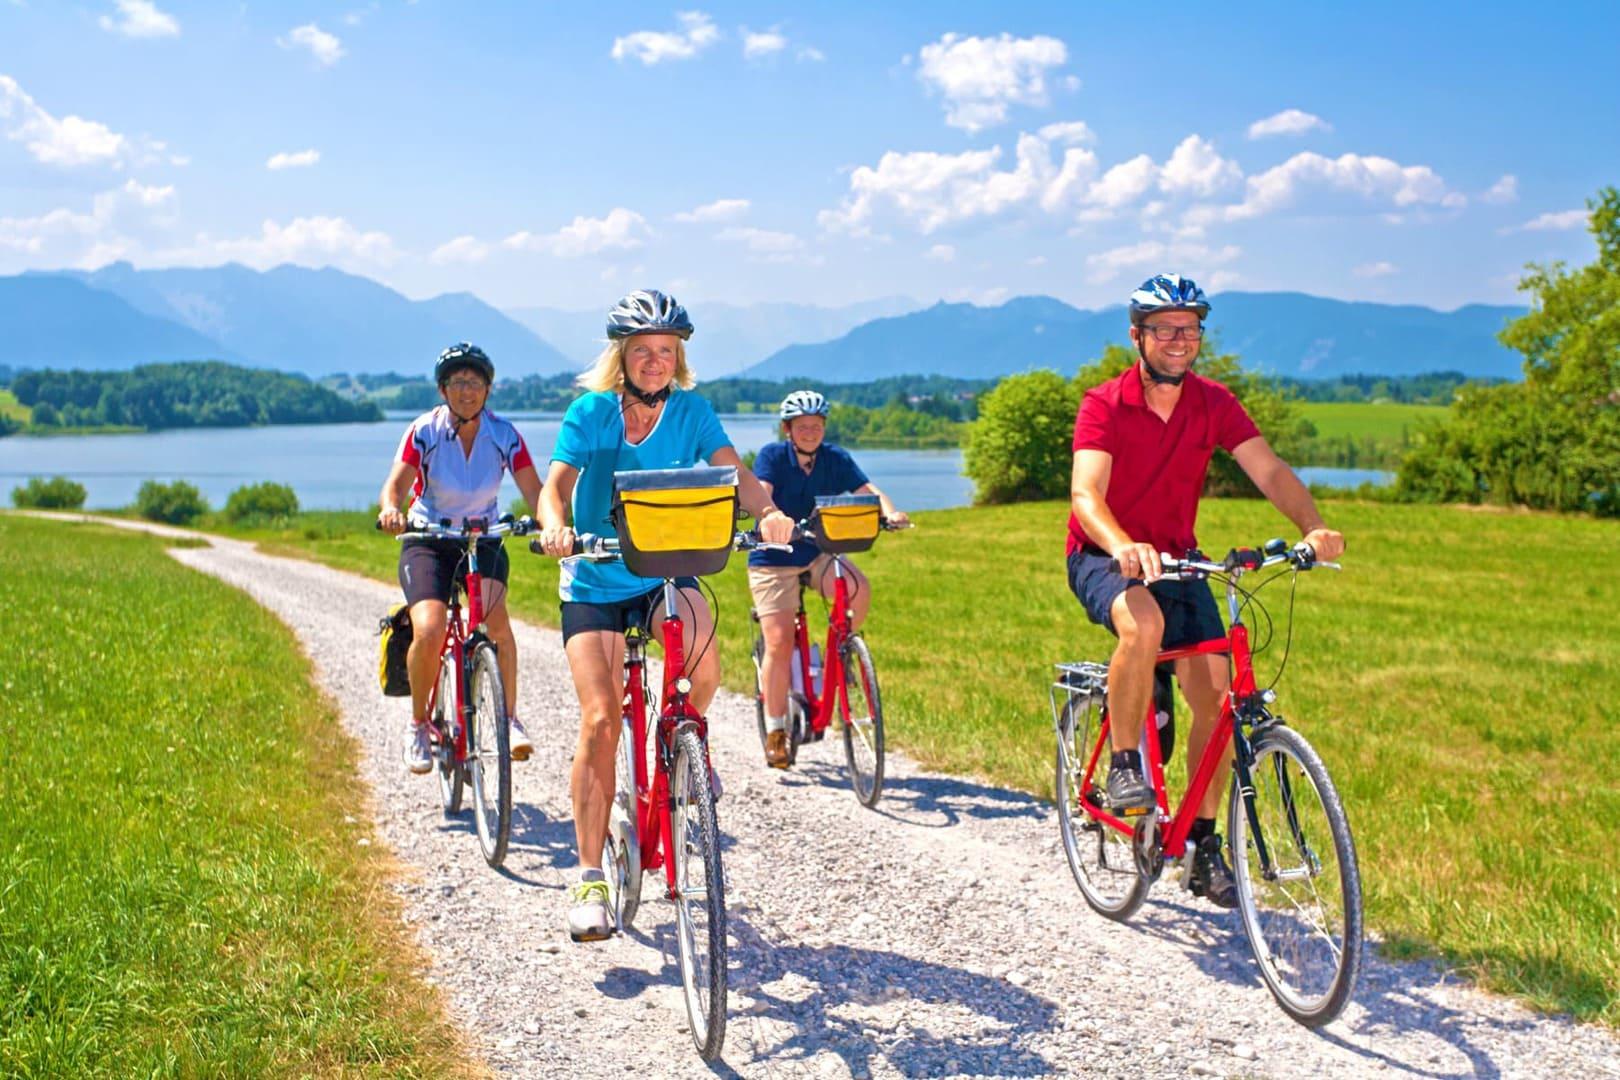 Radtour von München nach Meran Alpenüberquerung